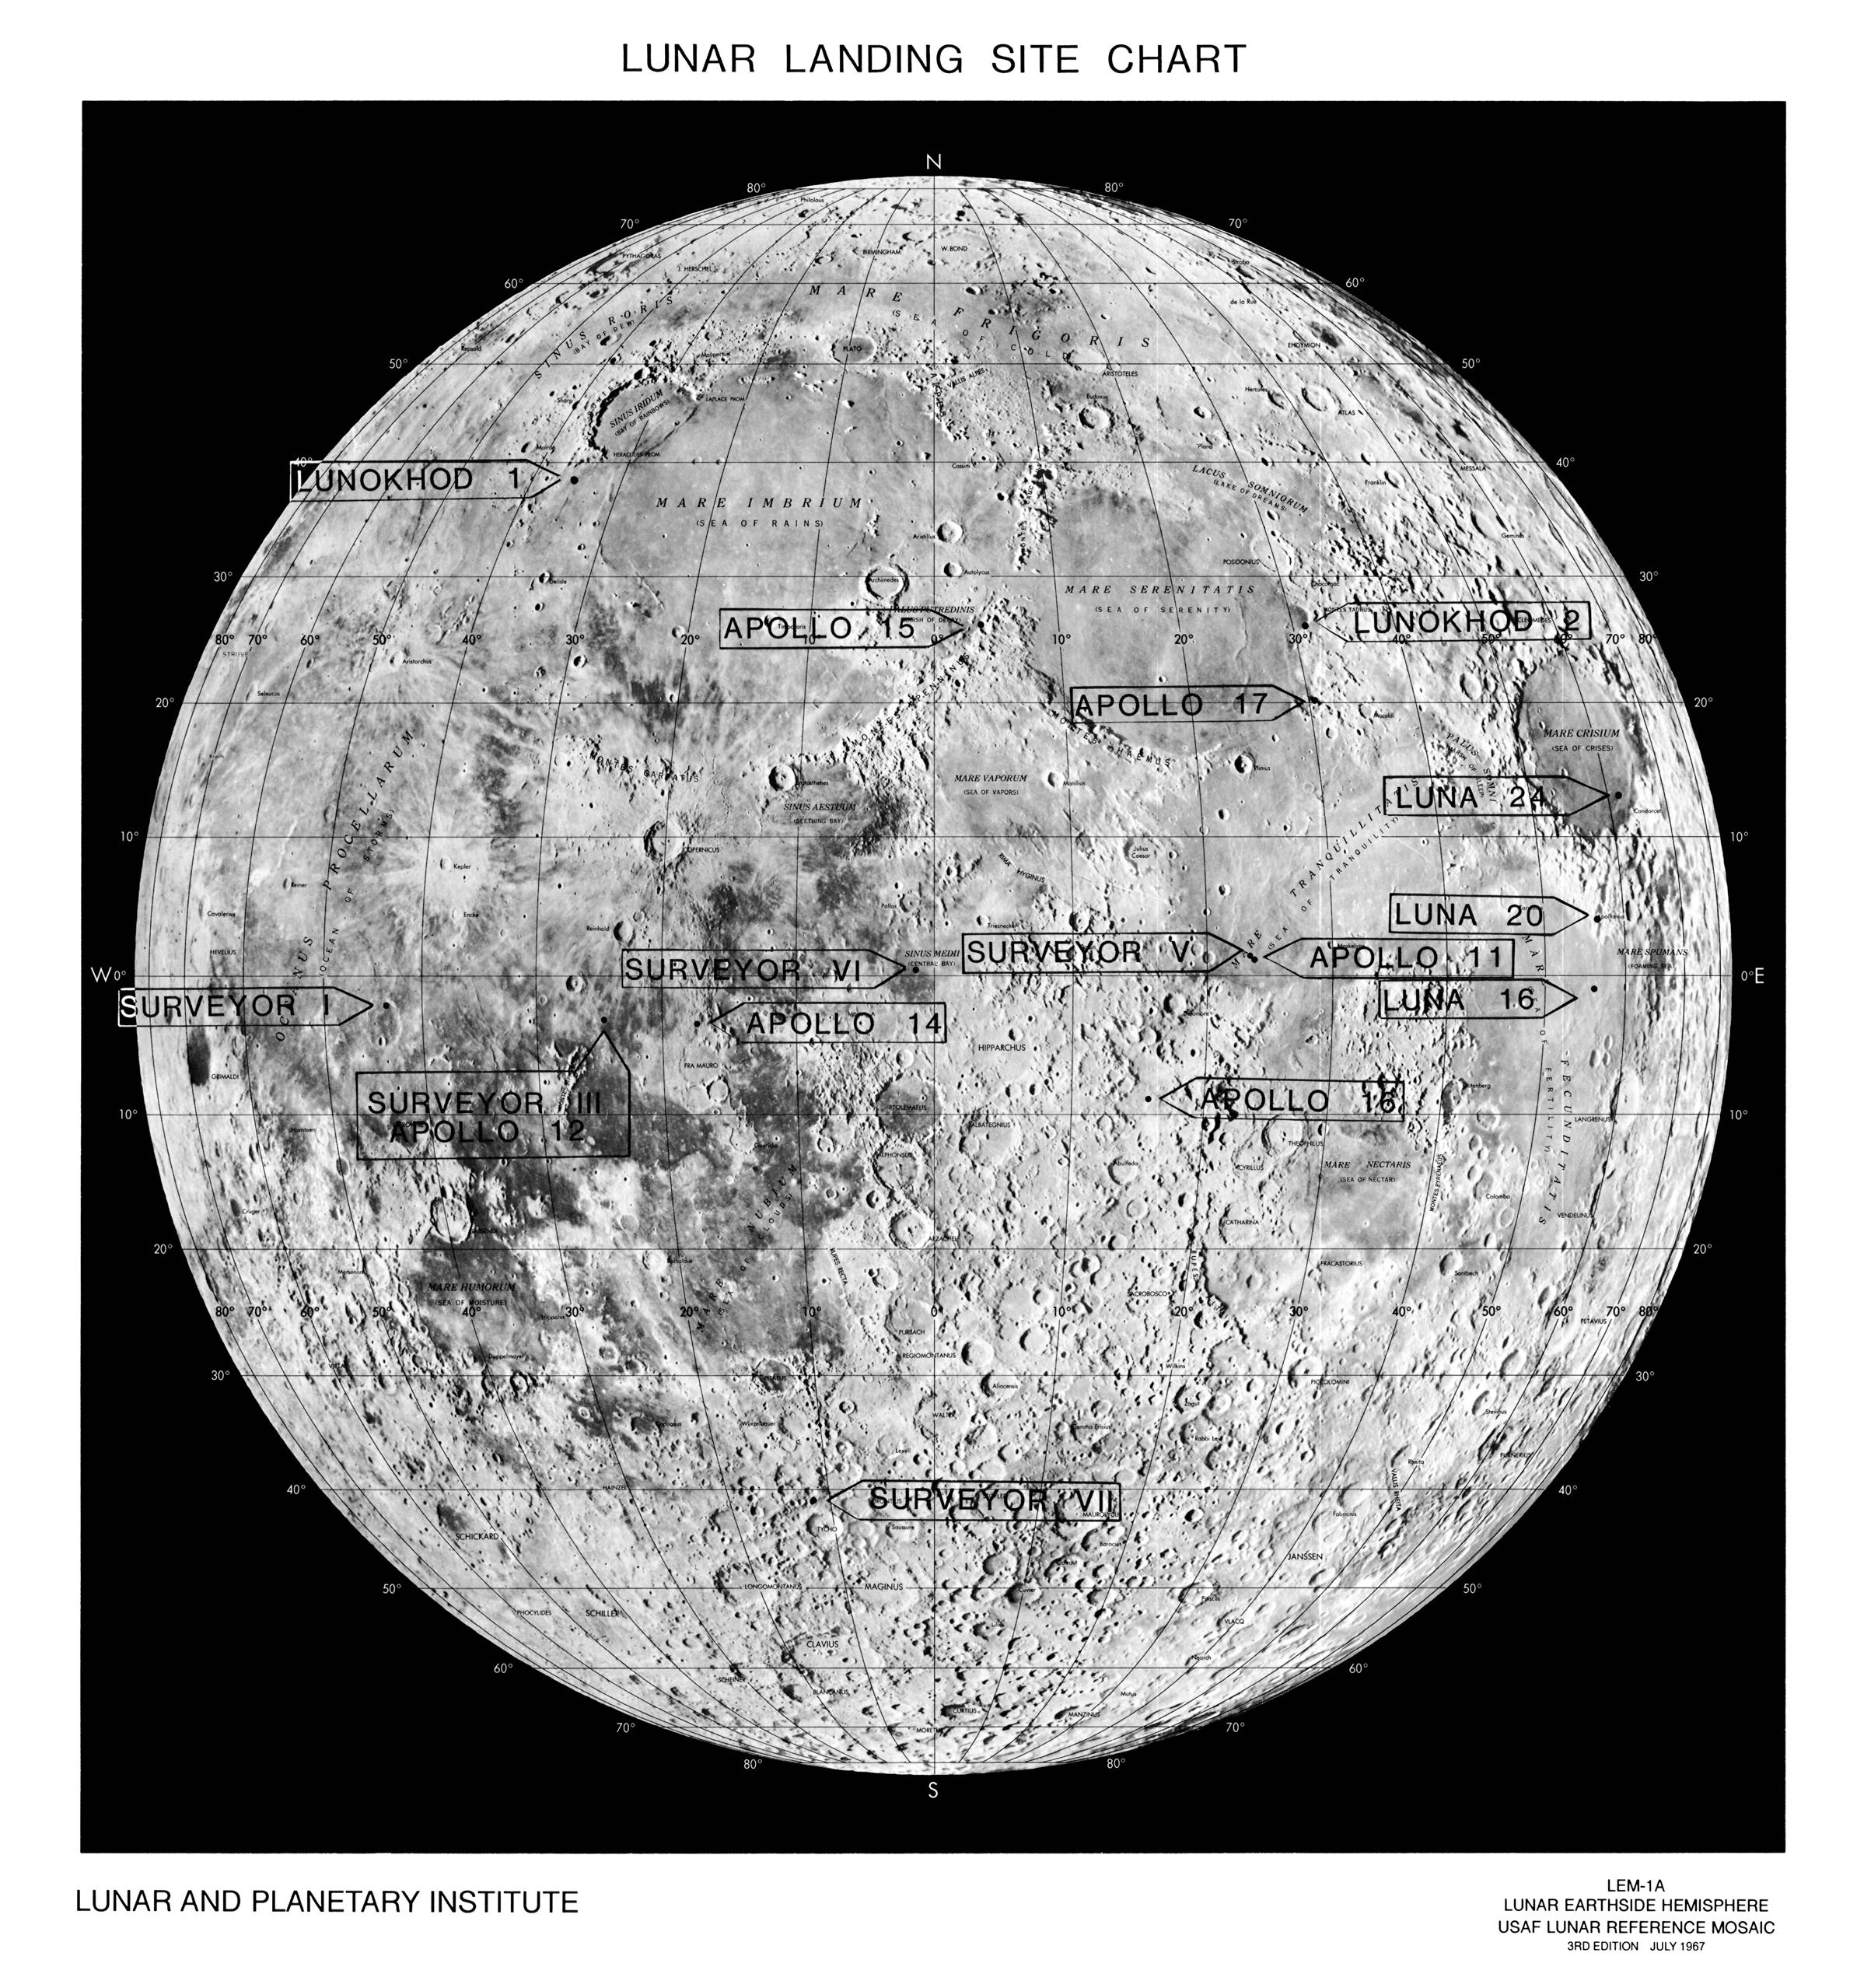 Lunar landing site chart